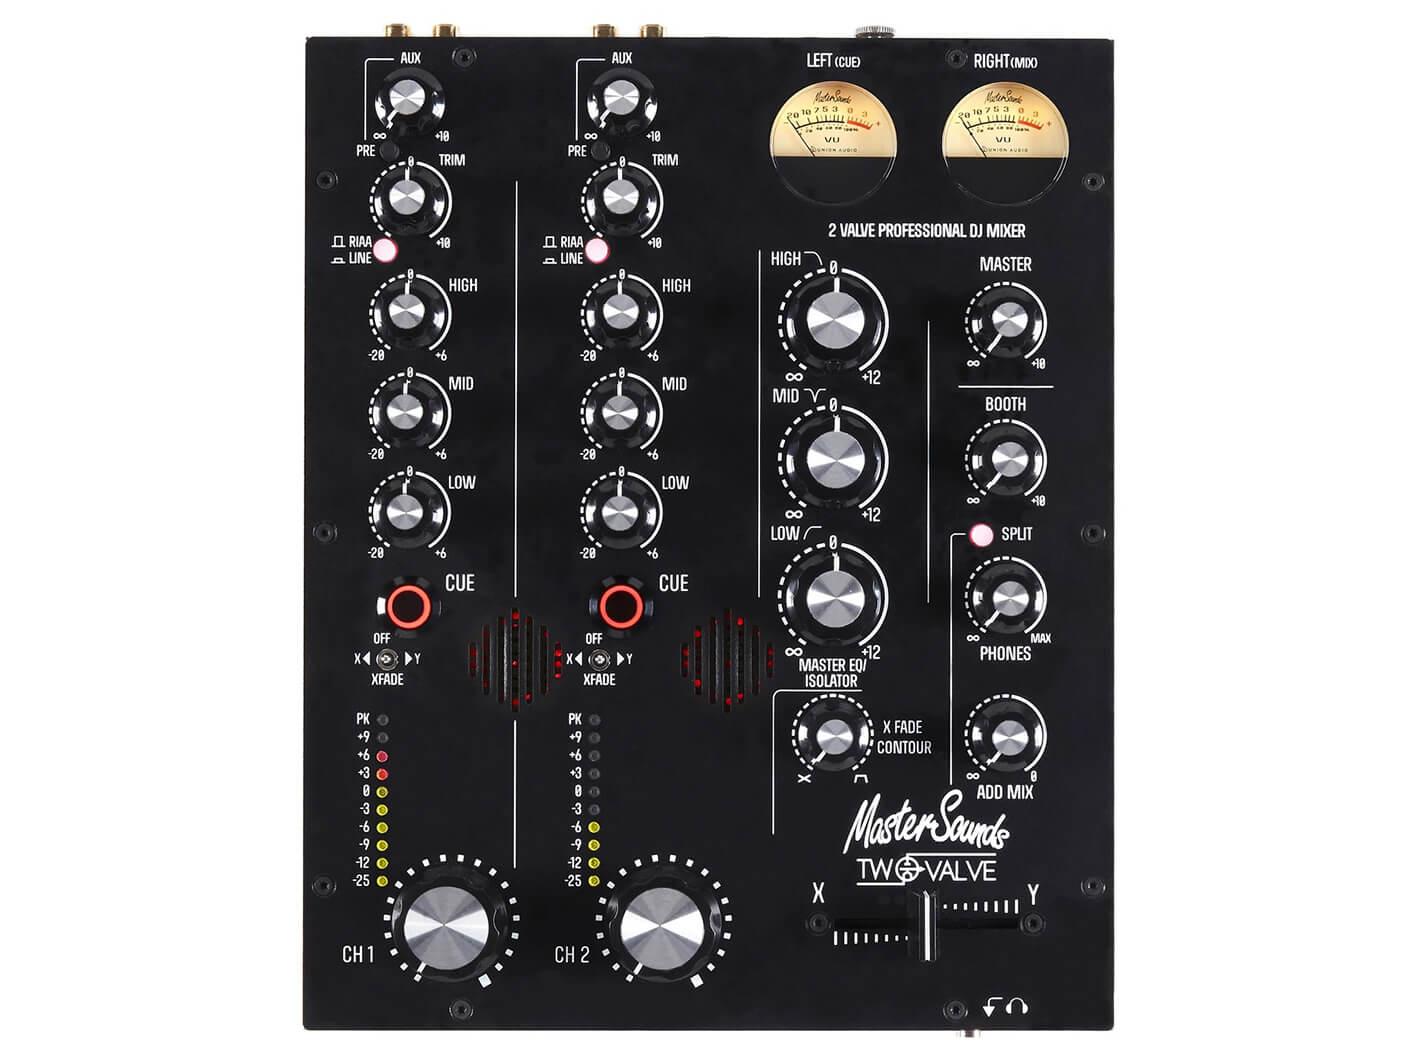 Poti f red DJTechTools Chroma Caps Encoder Knob V2 DJ-Mixer